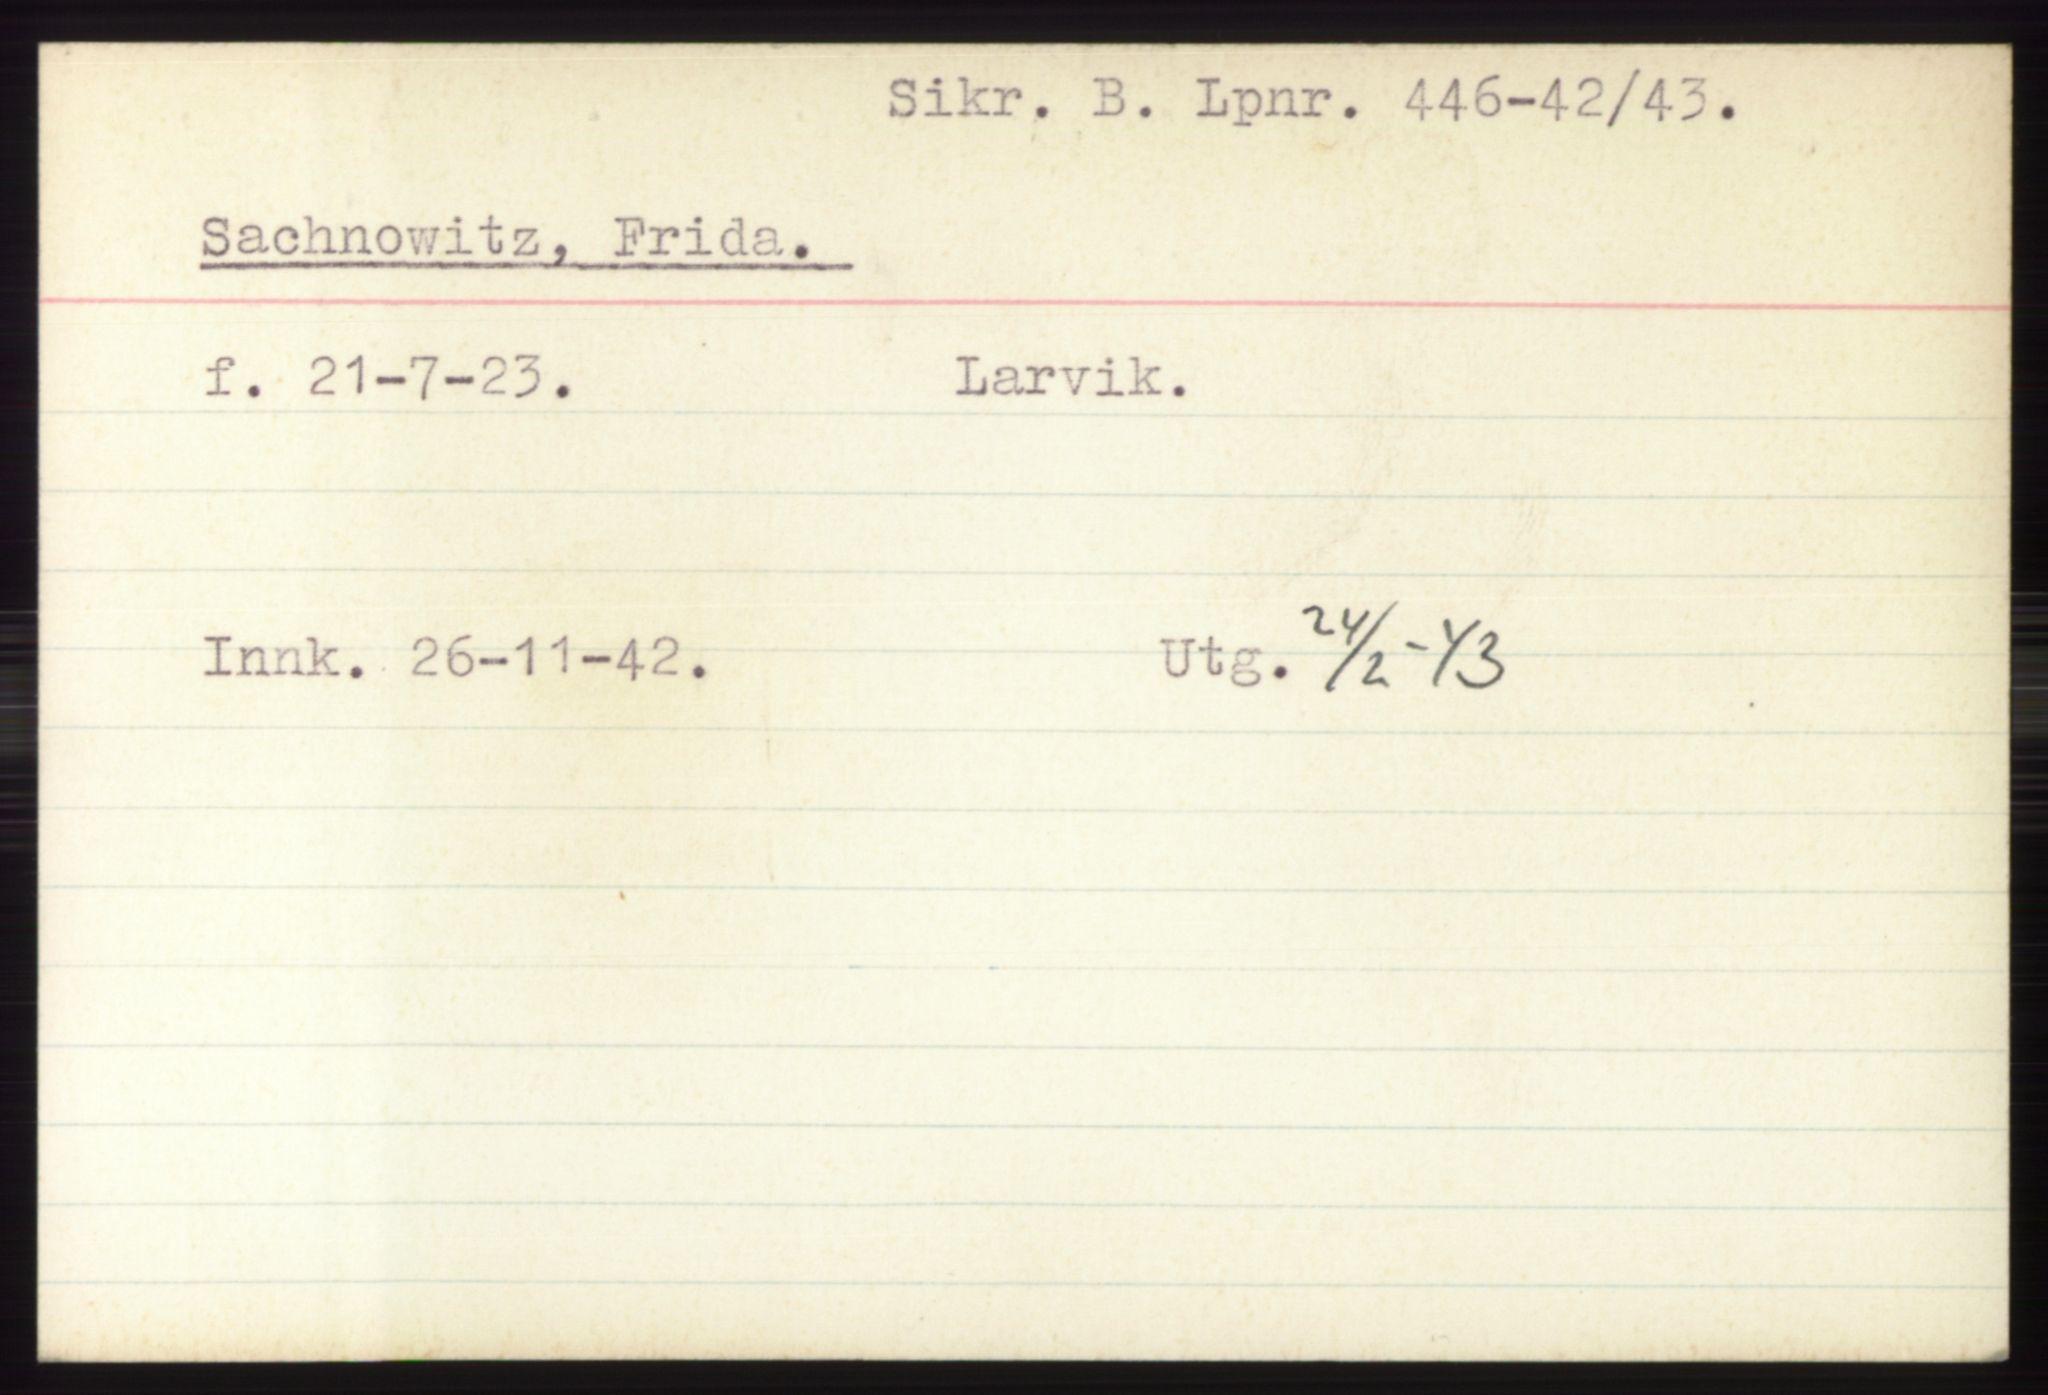 RA, Statspolitiet - Hovedkontoret / Osloavdelingen, C/Ck/Cke/L0005: Fangeregister S-Å, 1941-1945, s. 1